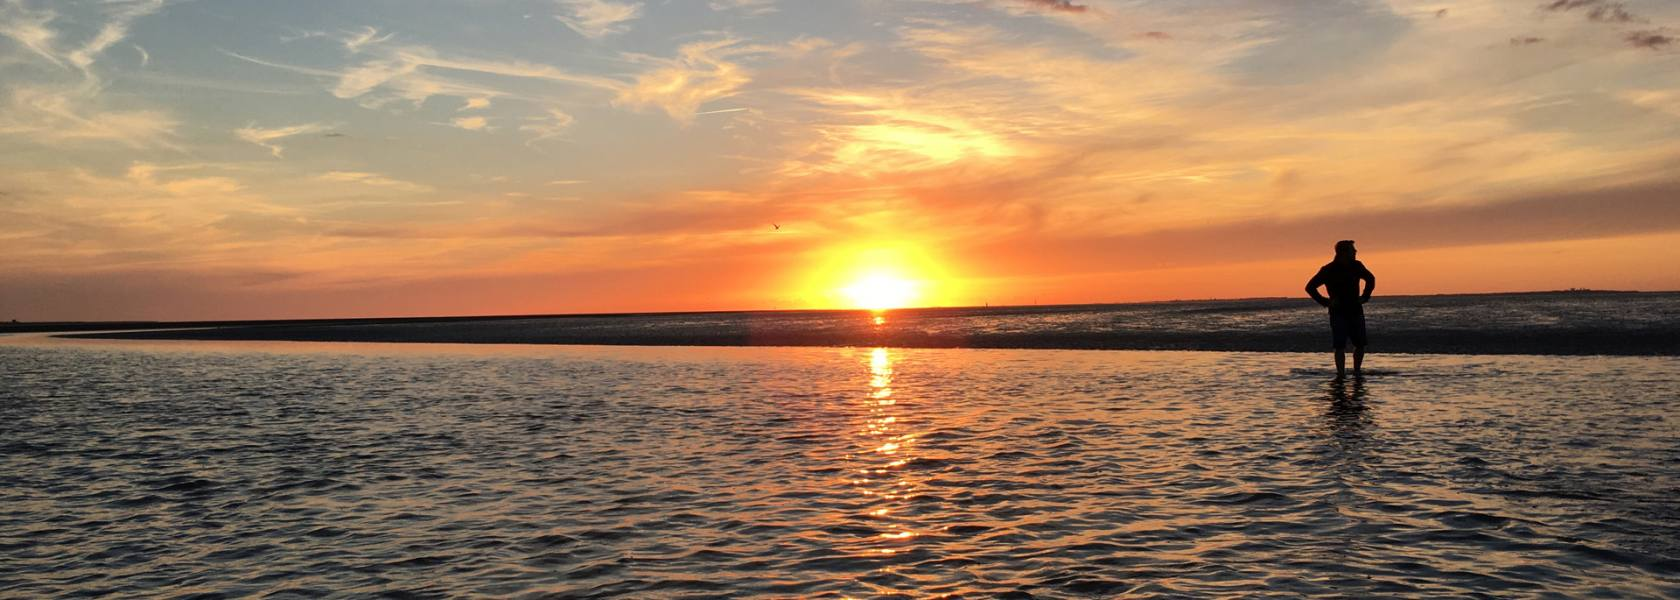 Sonnenuntergang, © Die Nordsee GmbH, Katja Benke